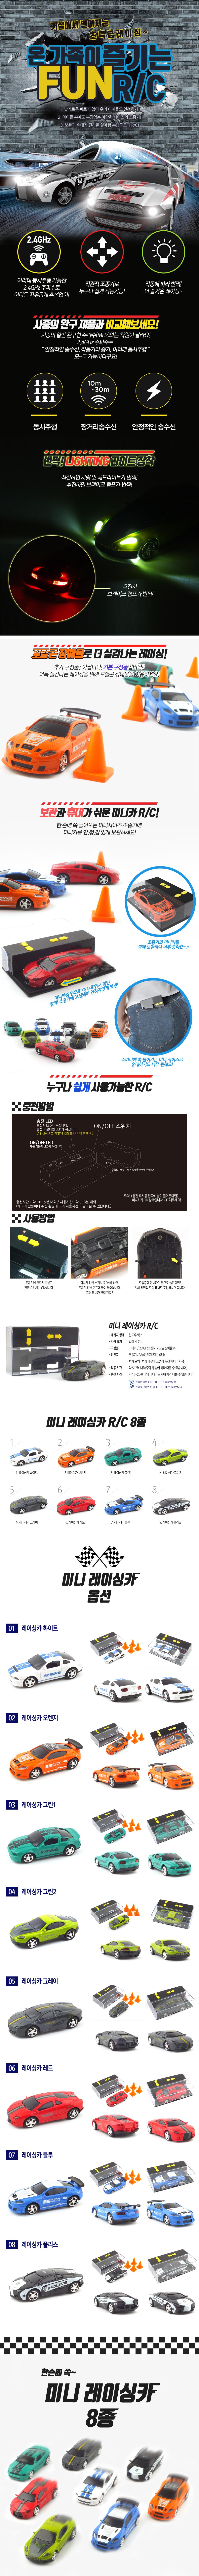 64스케일 RACING RACER-3 충전식 미니 레이싱 RC카 8종18,000원-레프리카키덜트/취미, R/C 장난감, R/C 카, 전동 R/C카바보사랑64스케일 RACING RACER-3 충전식 미니 레이싱 RC카 8종18,000원-레프리카키덜트/취미, R/C 장난감, R/C 카, 전동 R/C카바보사랑